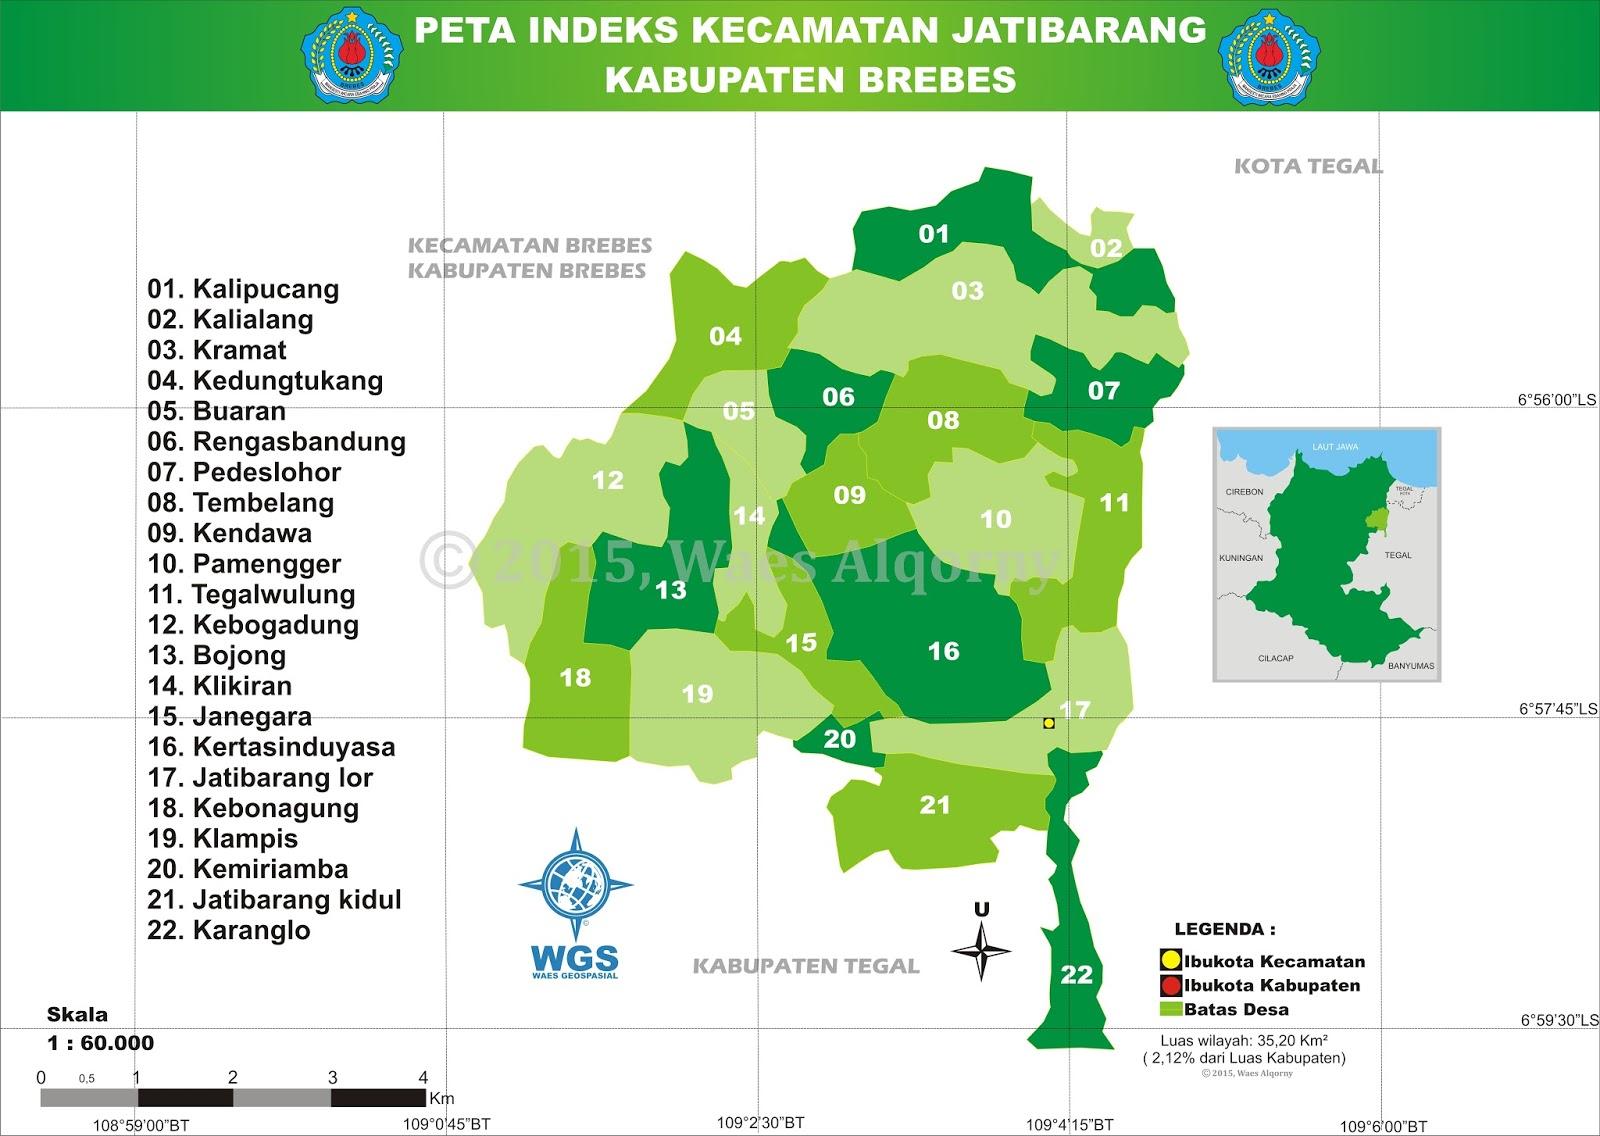 Peta Indeks Kecamatan Jatibarang - Brebes - My Diary